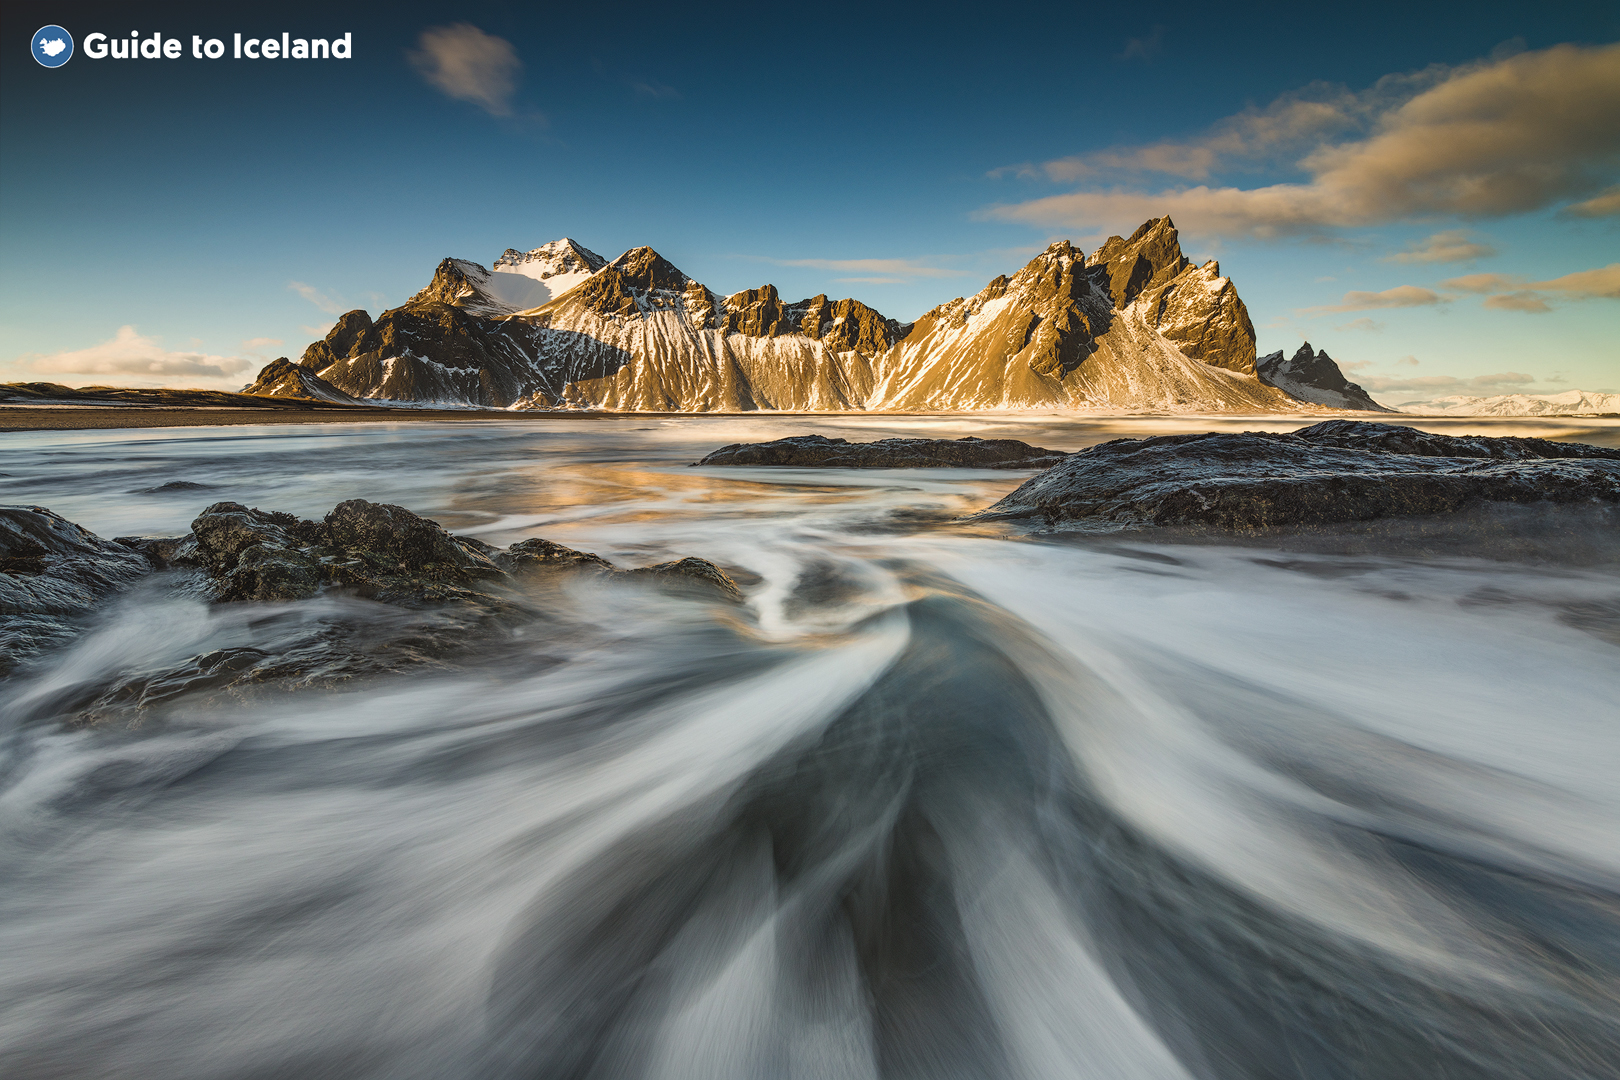 Le Vestrahorn est une montagne de gabbro située dans le Sud-Est de l'Islande.